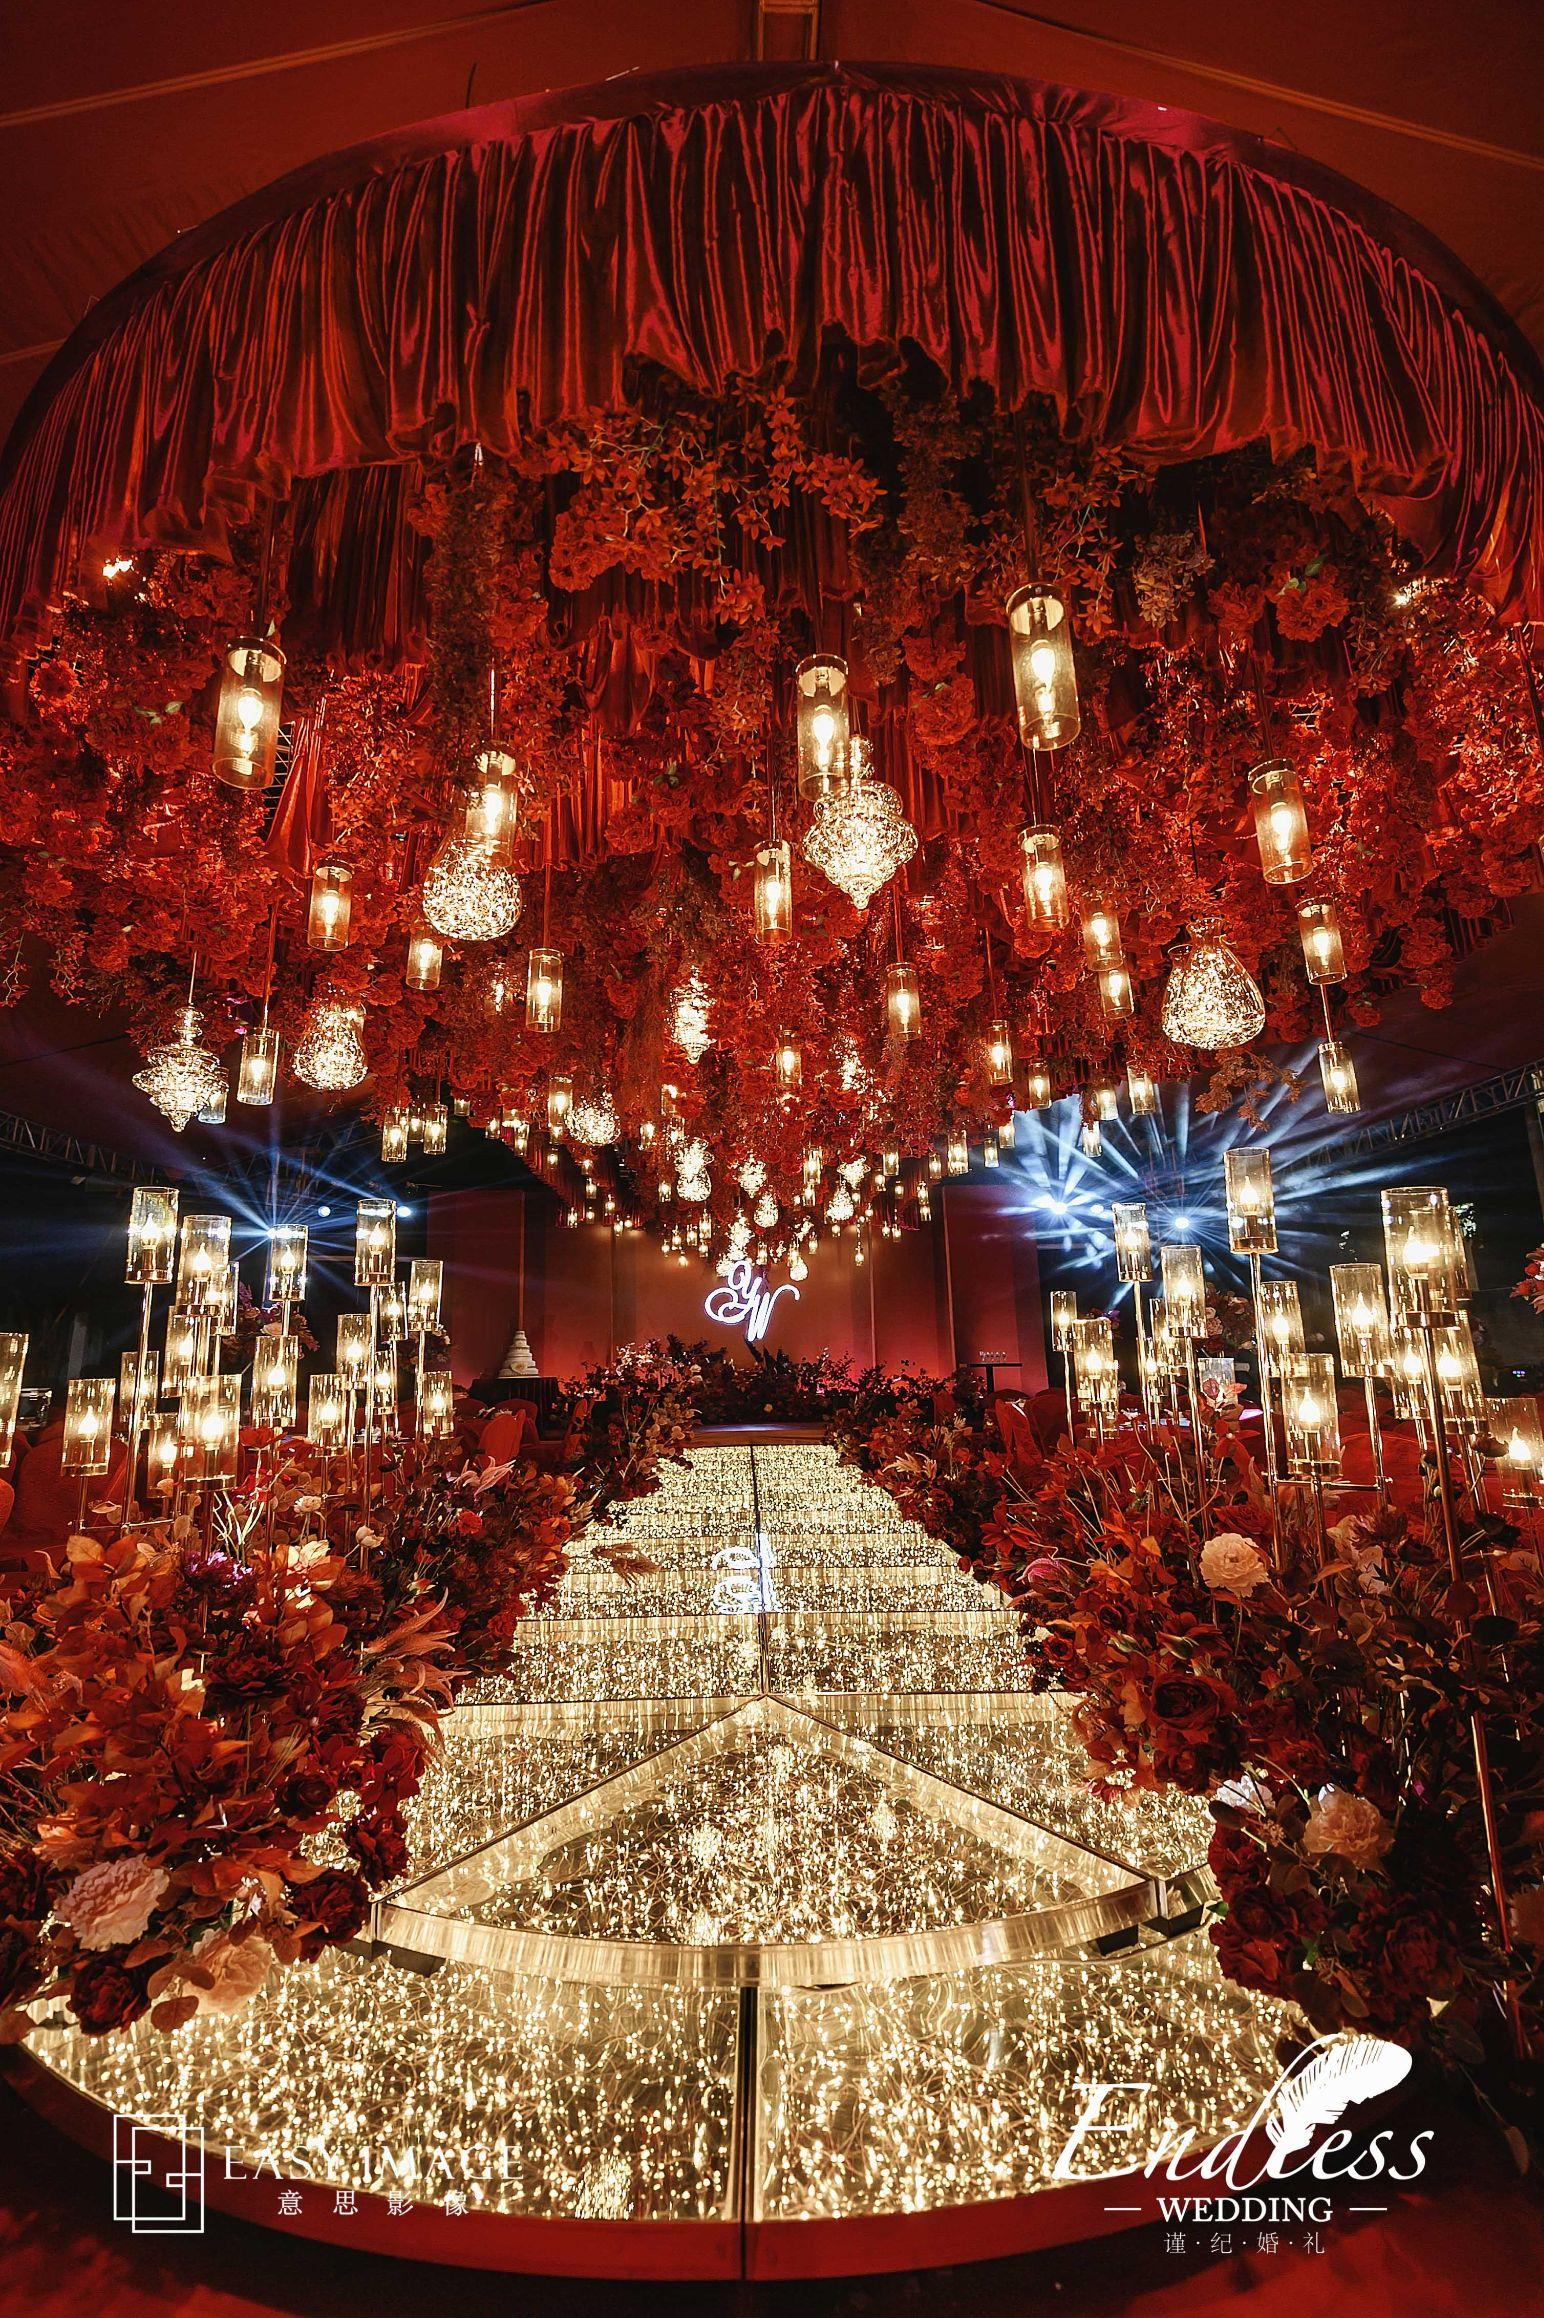 义乌海韵婚庆道具--2020年新品 星7米粒舞台 婚礼装饰